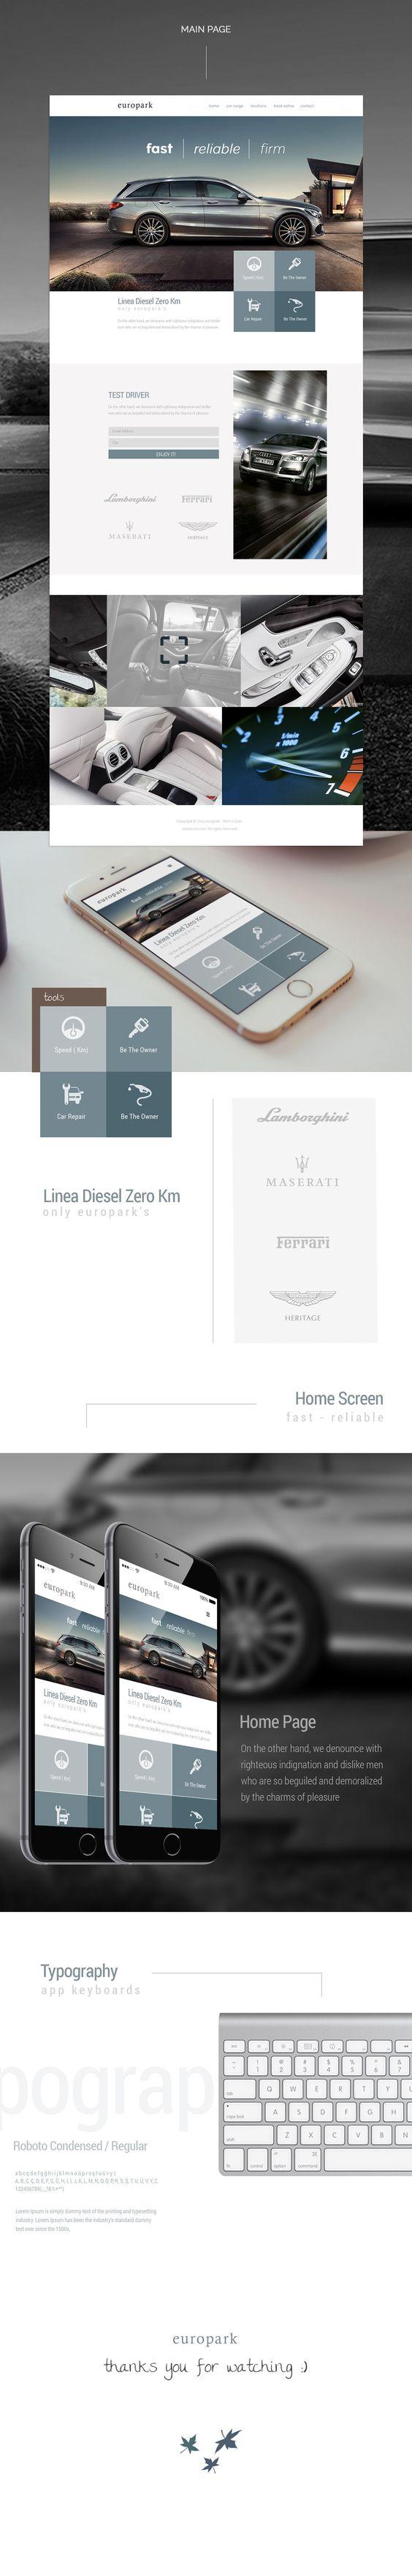 EuroPark Rent a Car Website Design / UI UX on Behance